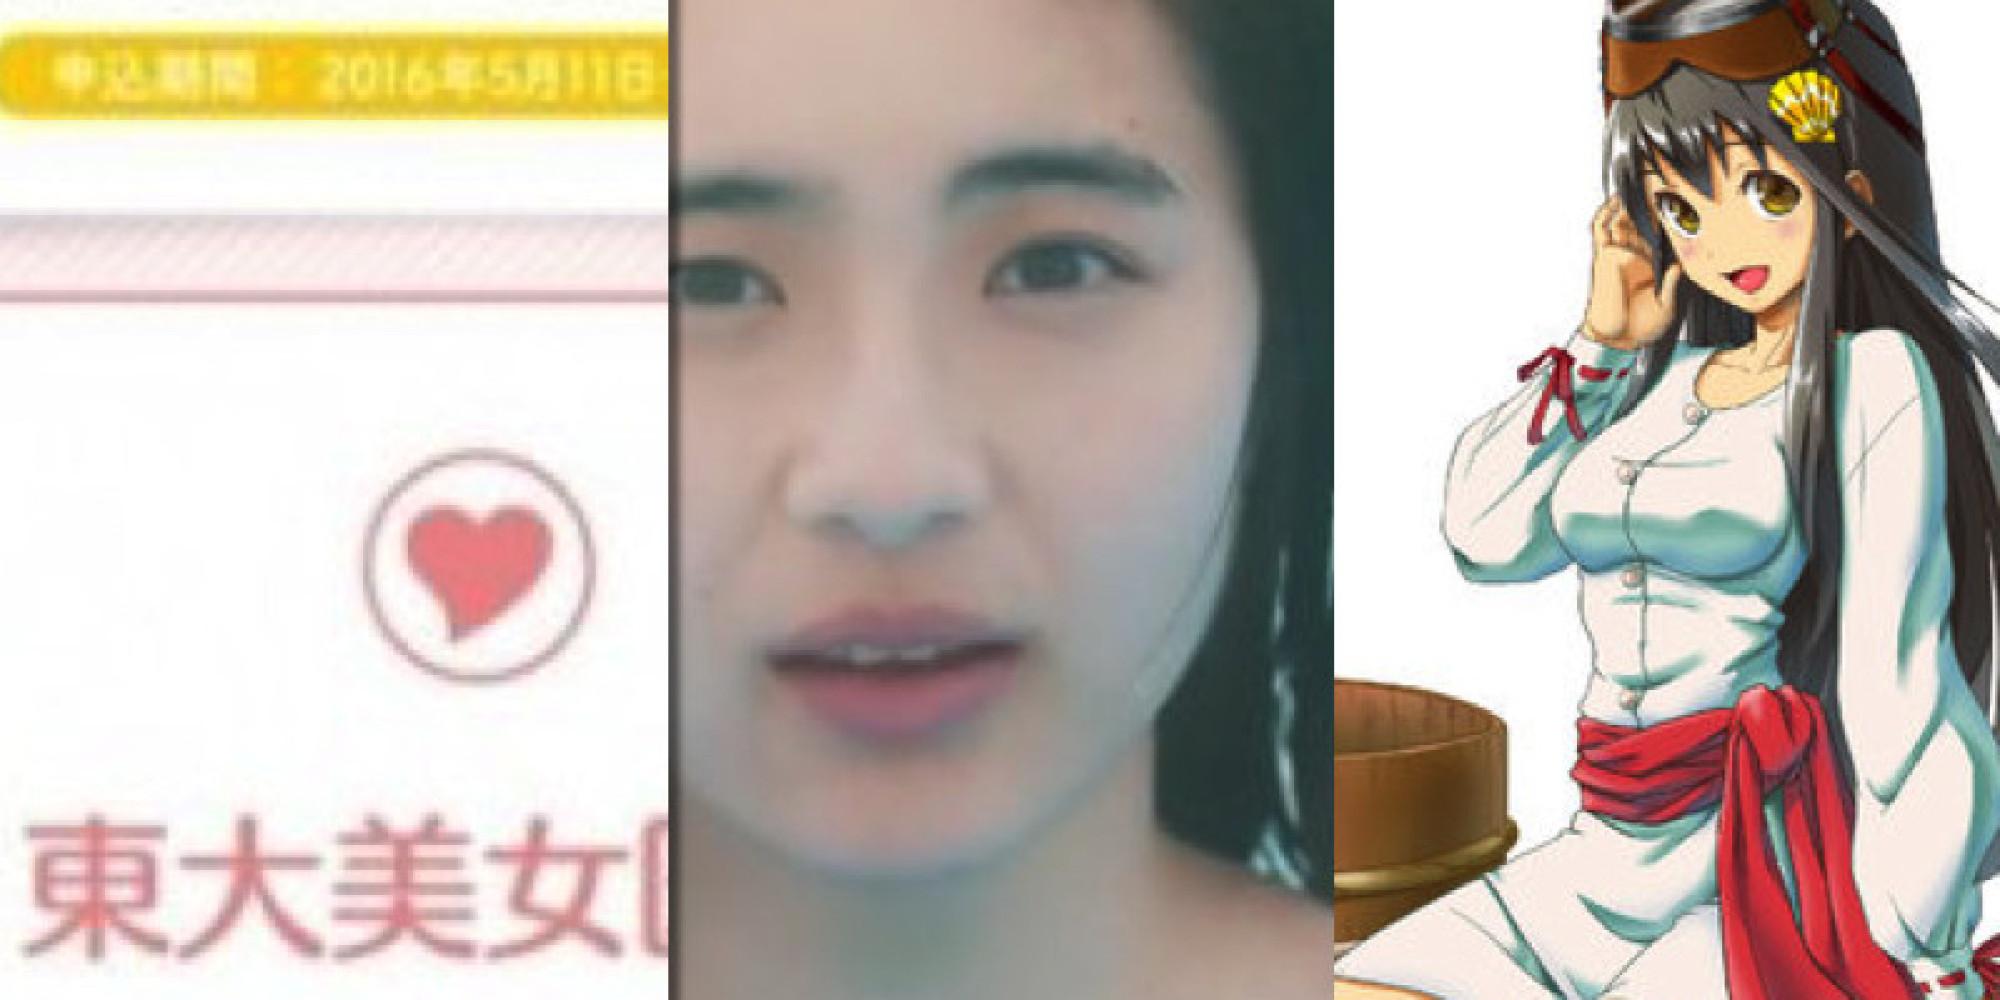 志布志市のうなぎ少女動畫で、海外メディア「多発する日本の女性差別の例」と続々報道